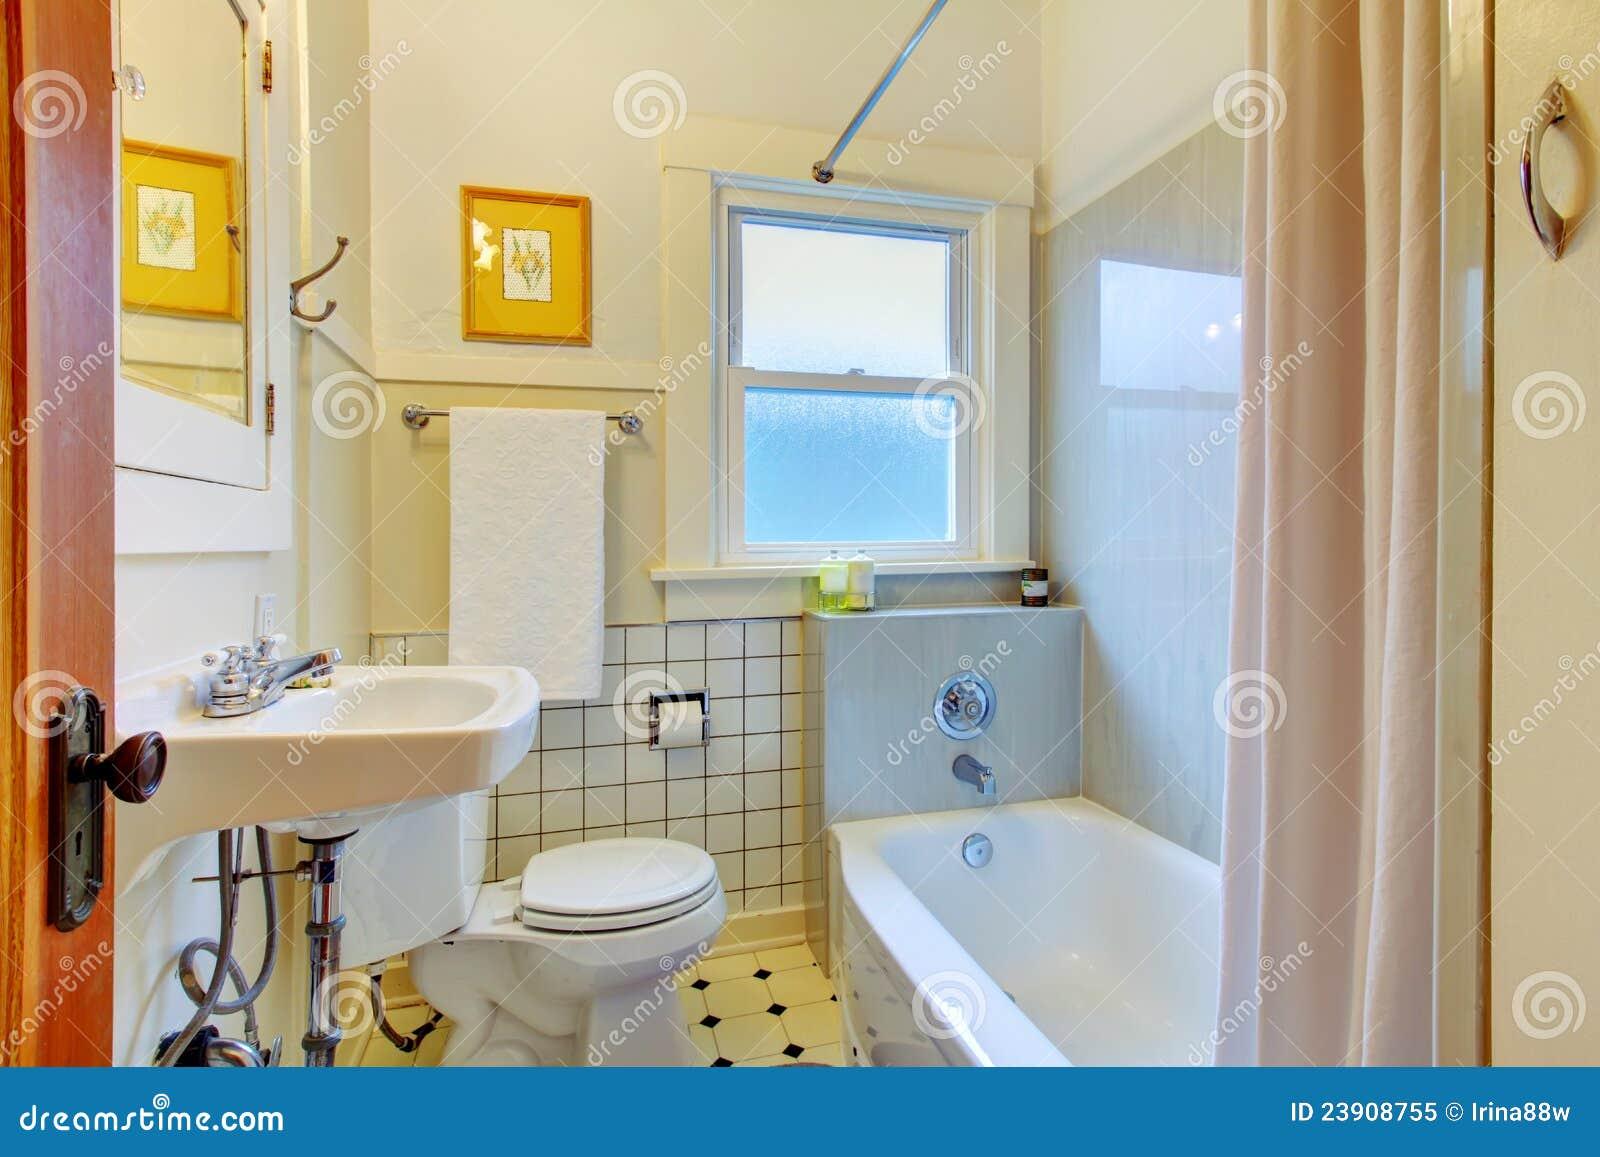 Azulejos Viejos Baño:Cuarto De Baño Simple Retro Con El Fregadero Y Los Azulejos Viejos